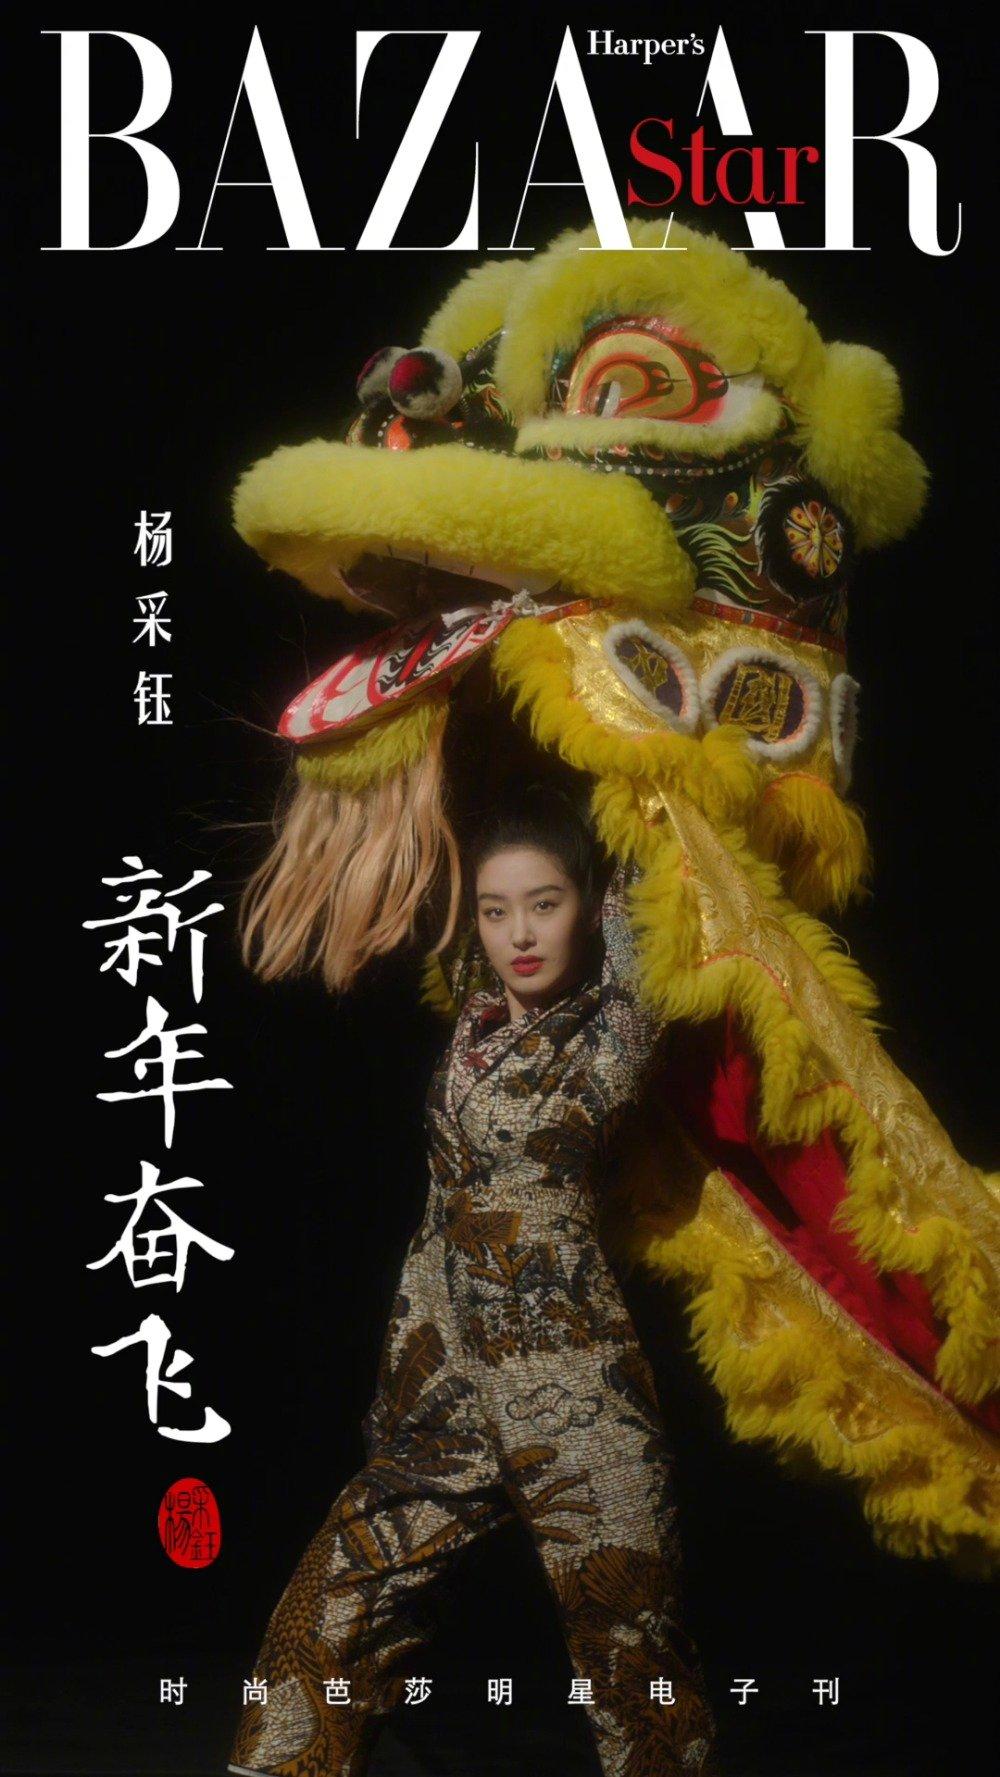 春节舞狮,幸福传递!时尚芭莎×杨采钰贺岁明星电子刊封面开卷有益